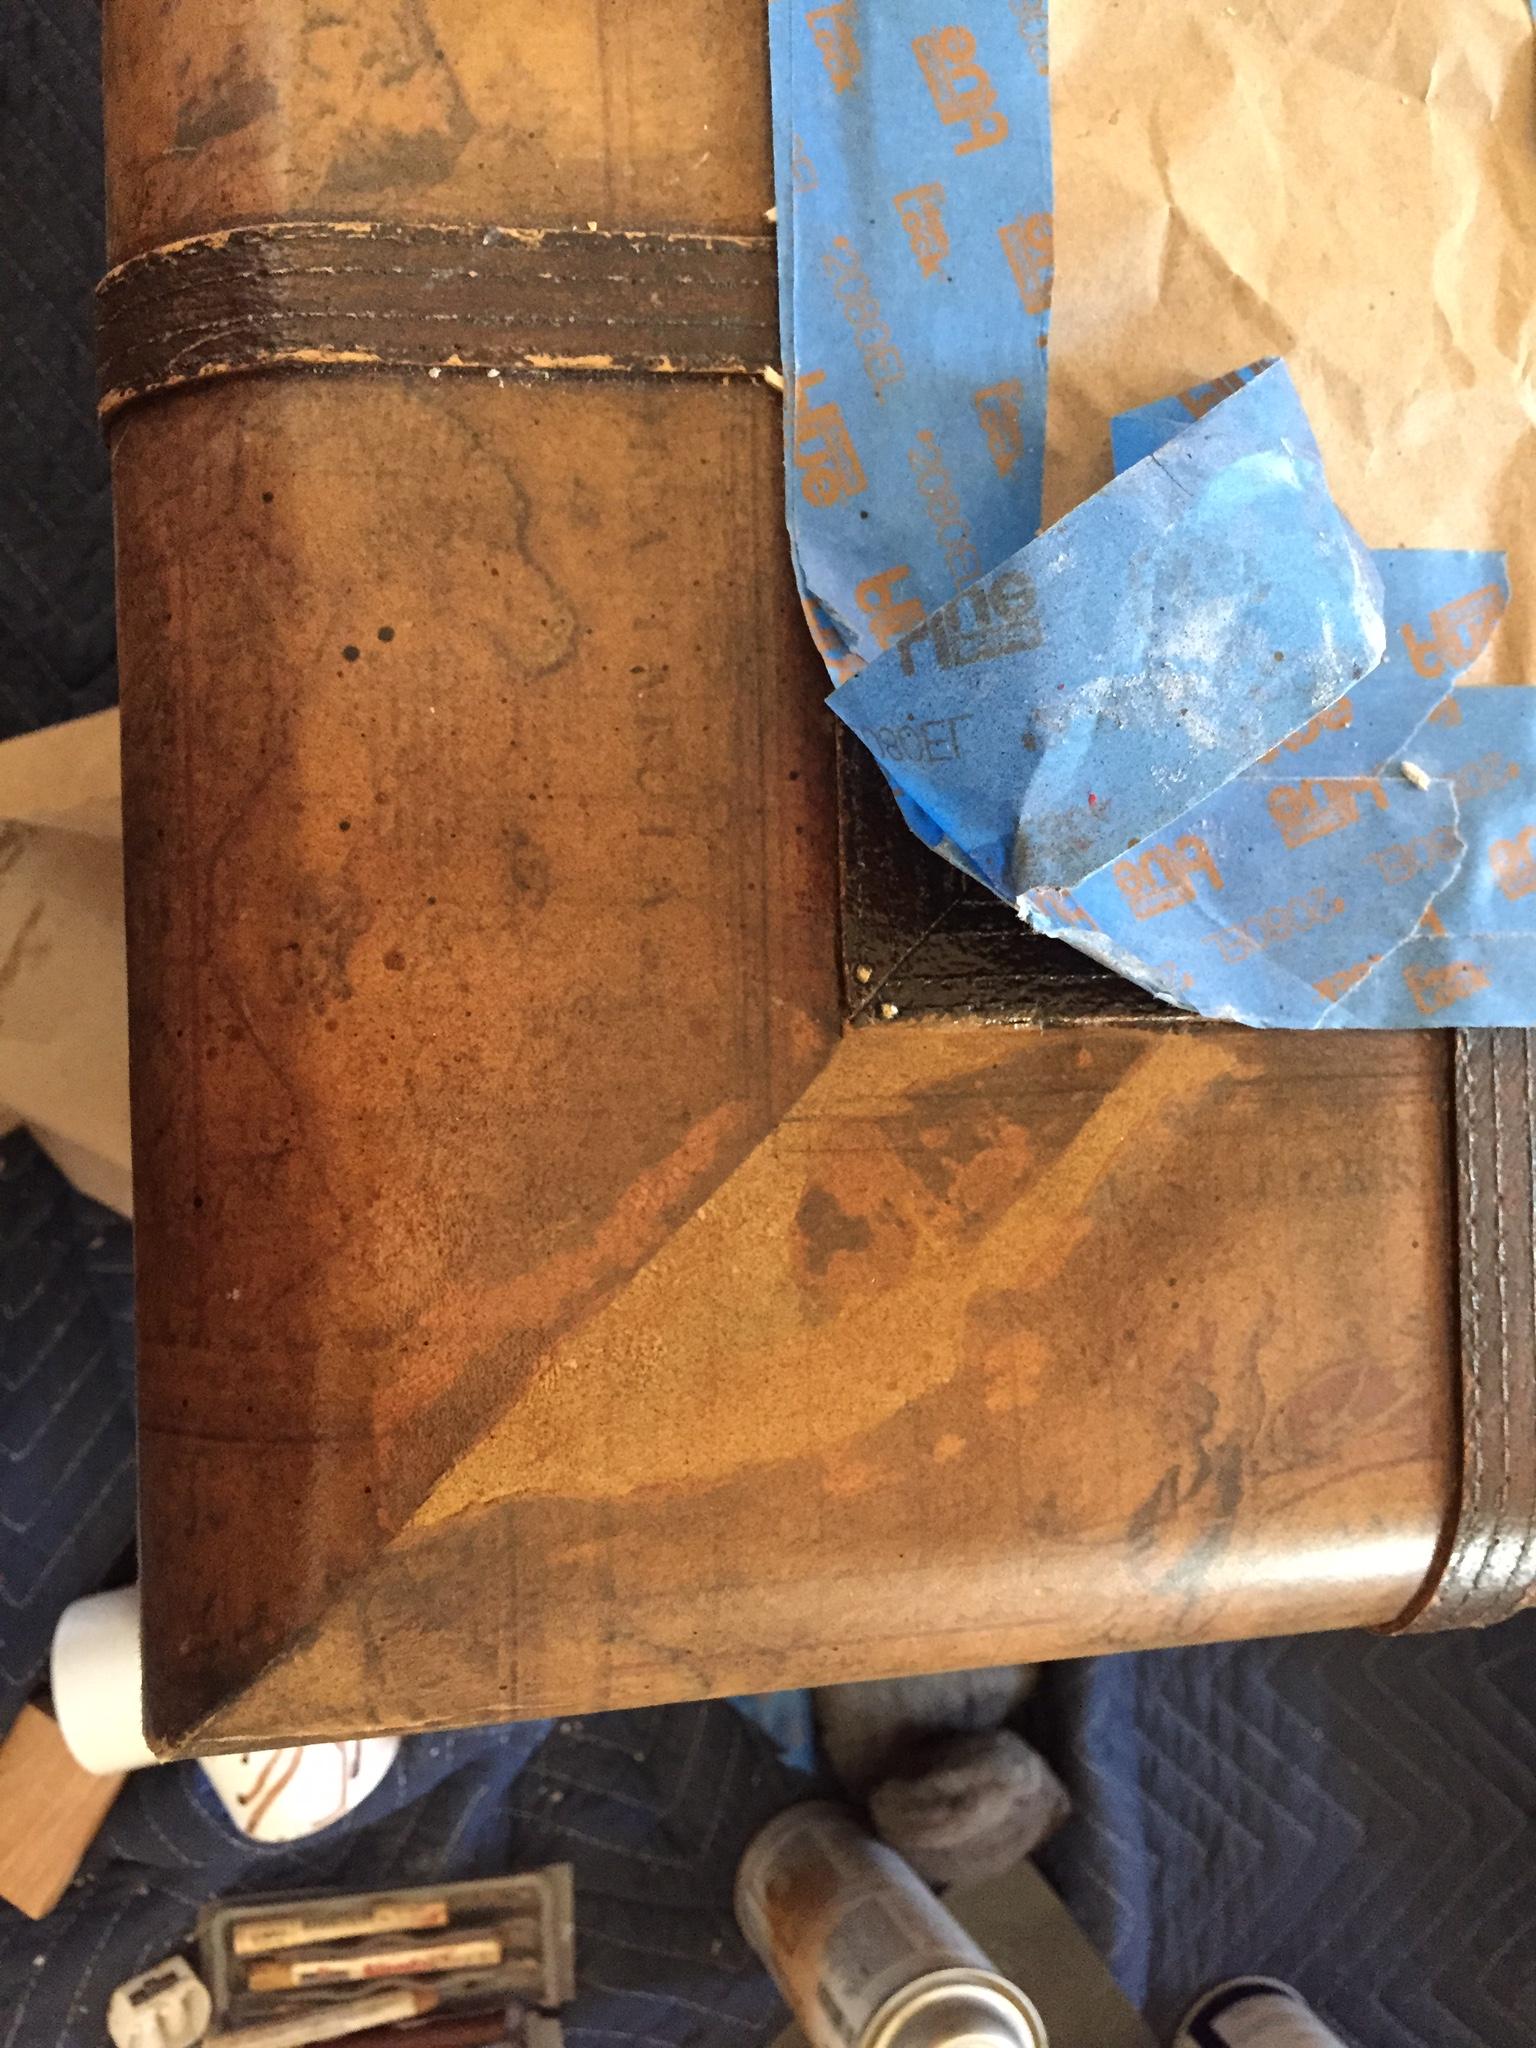 Coffee Table in progress 1.JPG